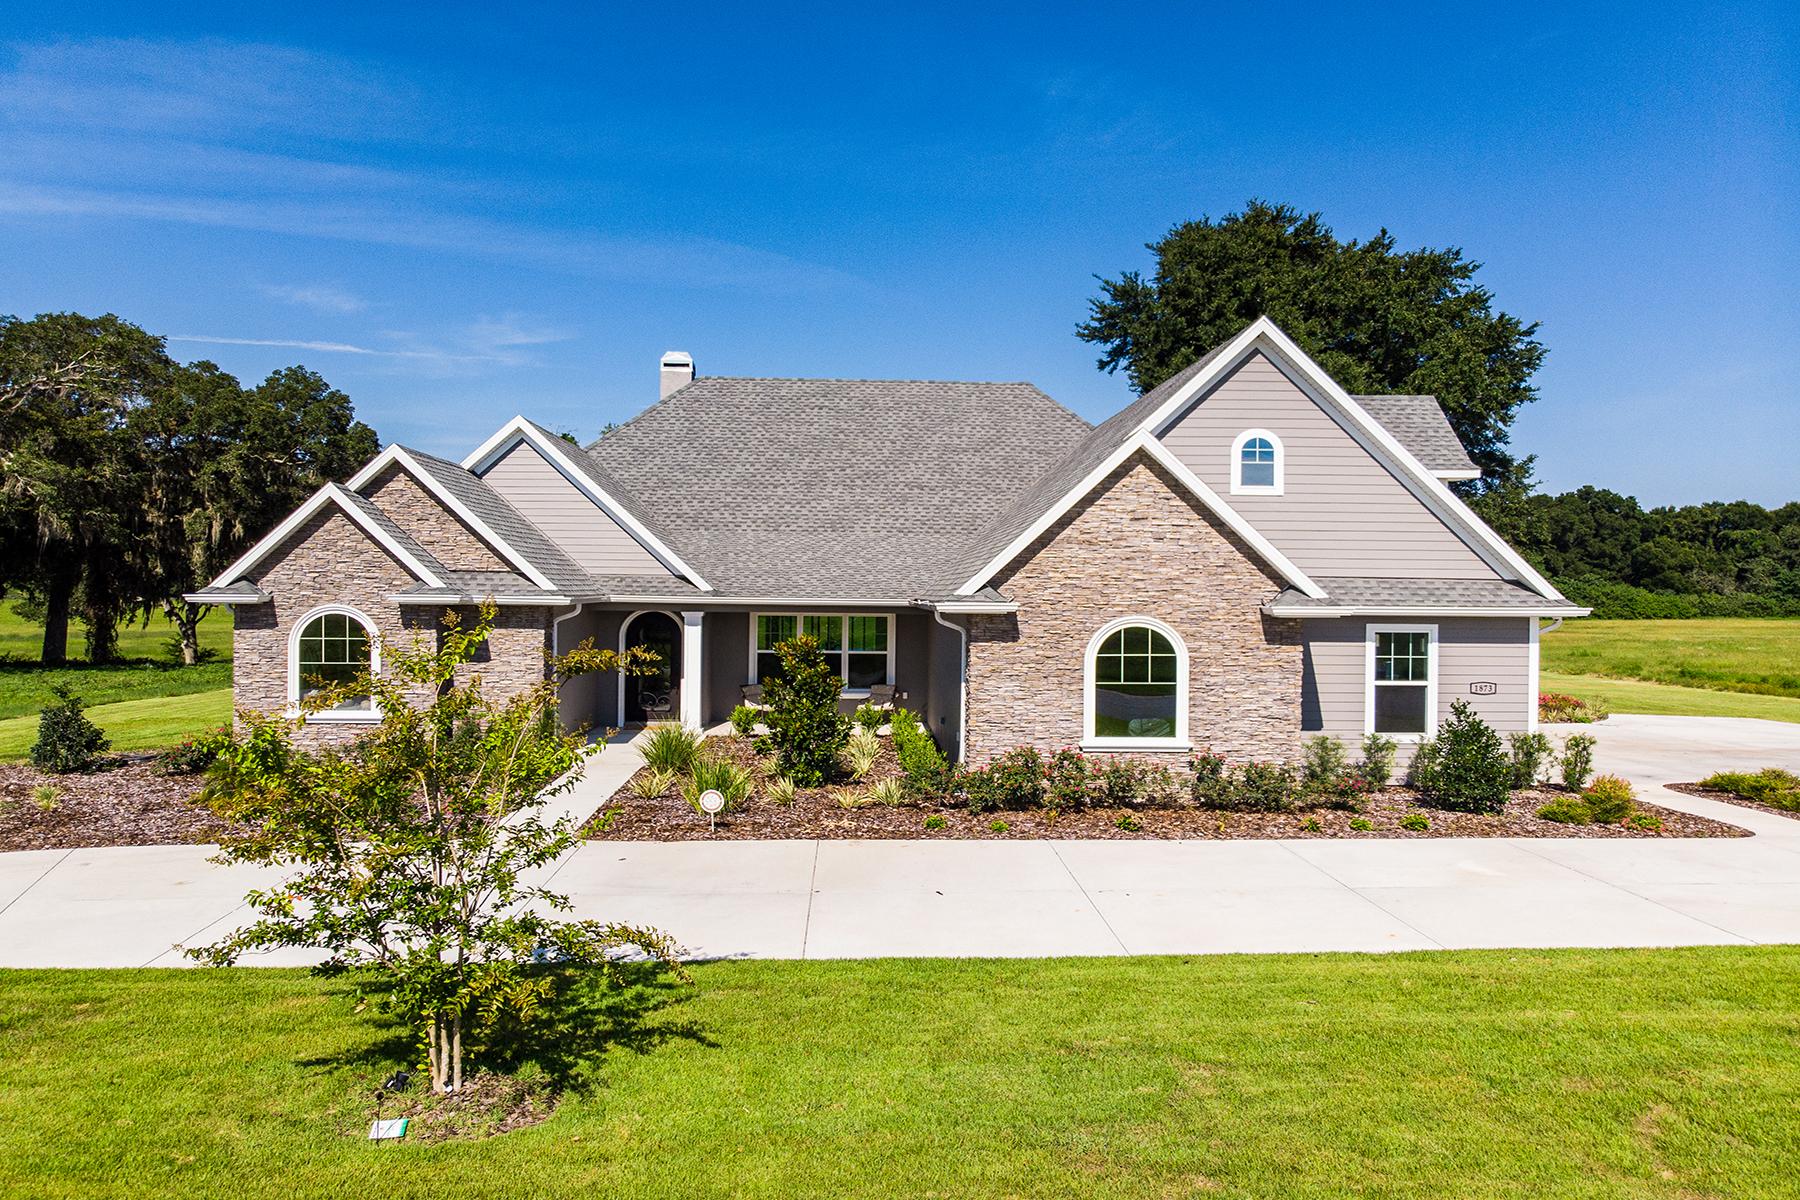 Single Family Homes für Verkauf beim OCALA 1873 Nw 85th Loop, Ocala, Florida 34475 Vereinigte Staaten